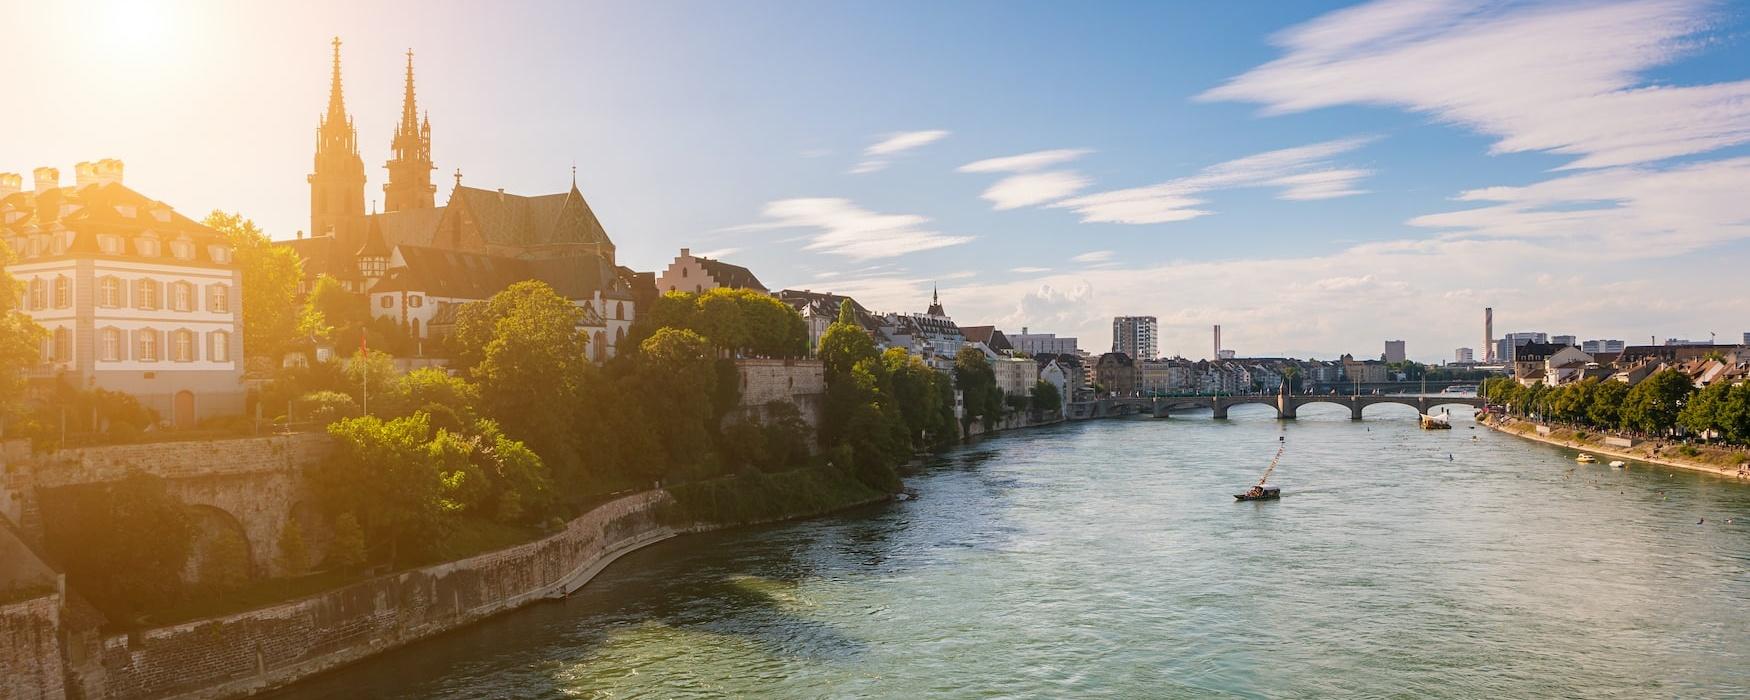 Blick auf Basel am Rhein in der Abendsonne